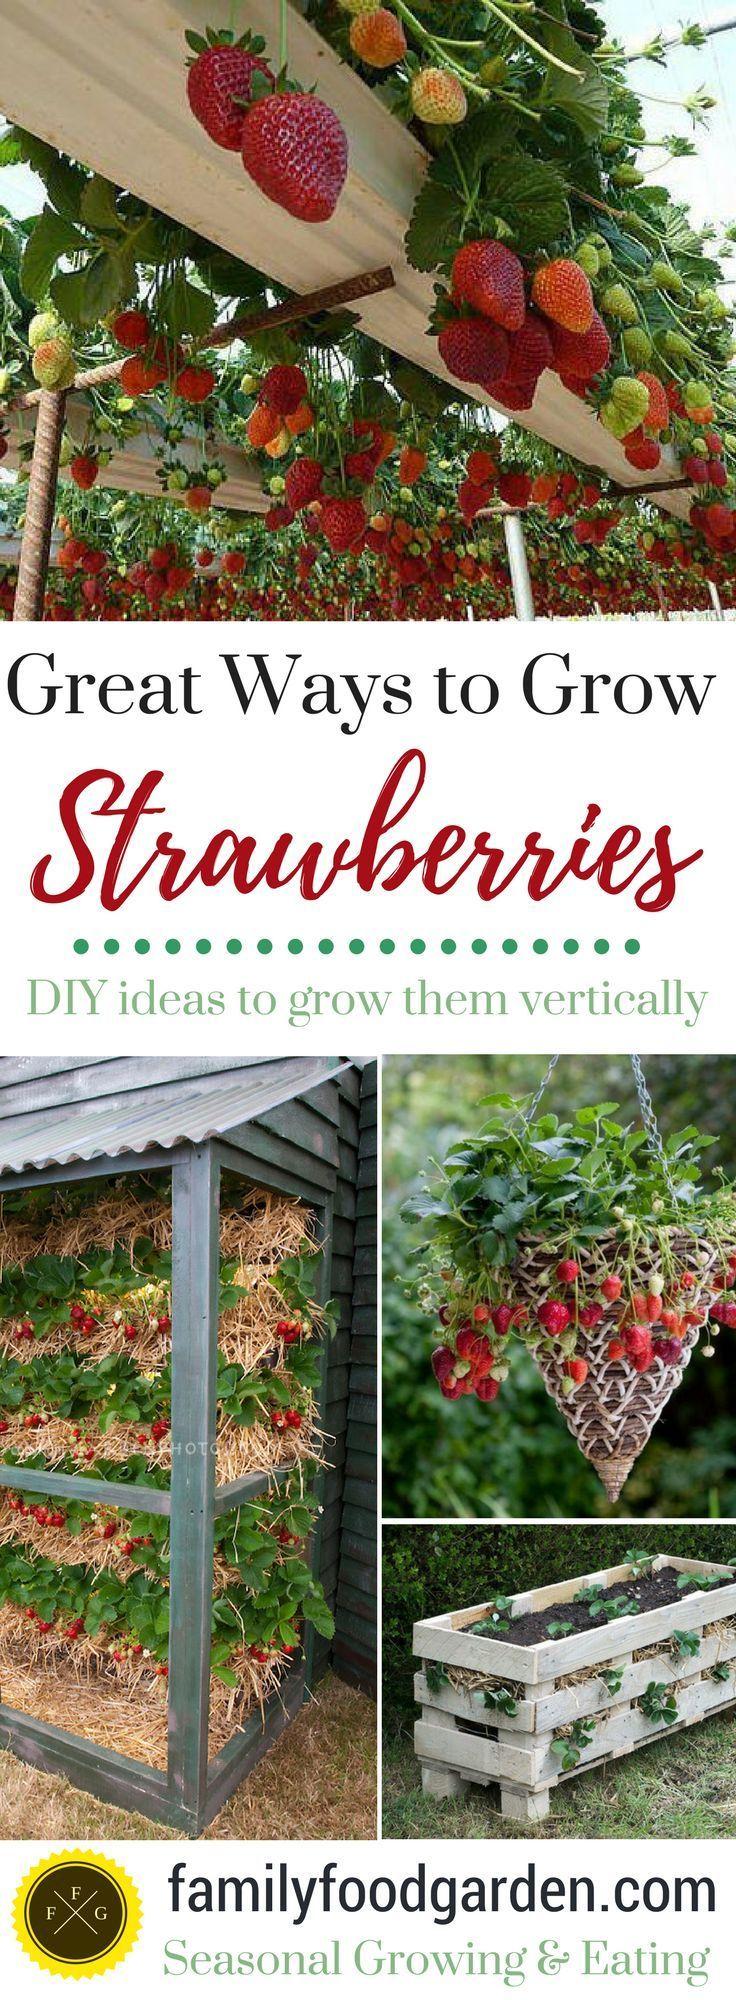 Erdbeeren wachsen vertikal, in Behältern, in Rinnen und mehr! Einfach DIY!